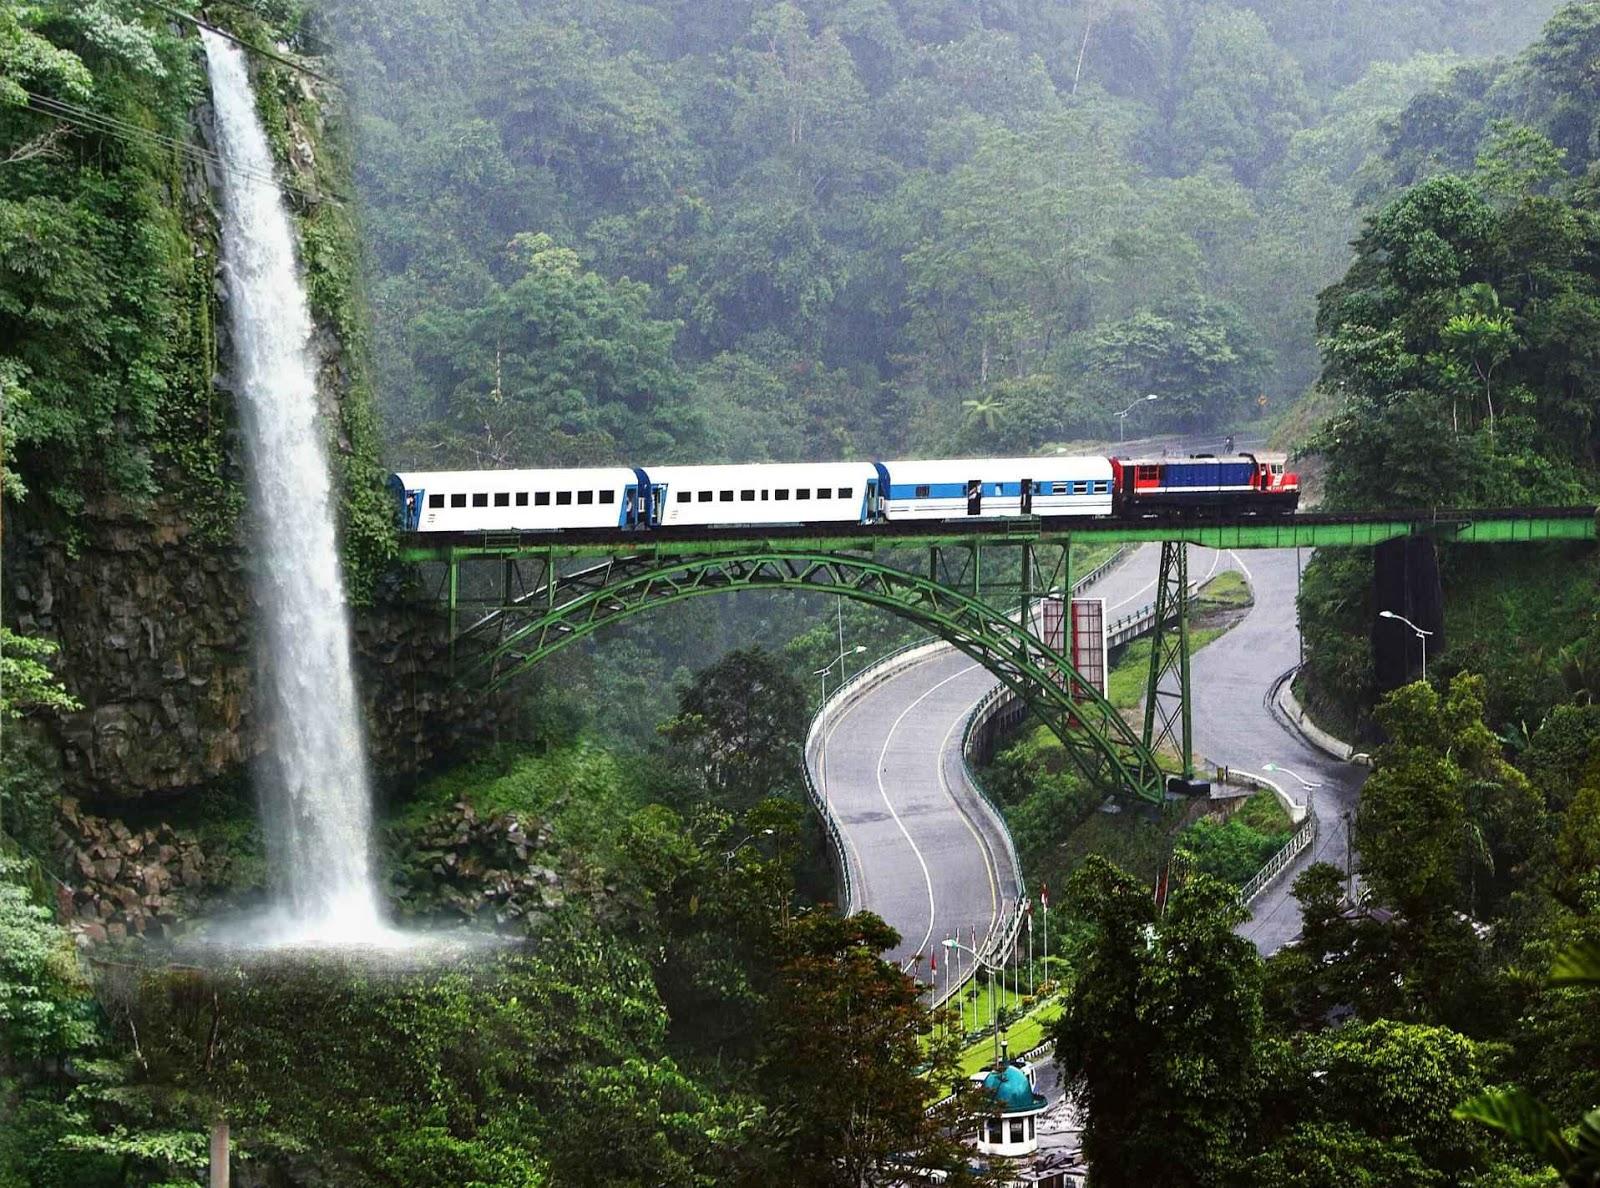 8 Objek Wisata Padang Panjang Sumatera Barat Paling Menarik - Wisata